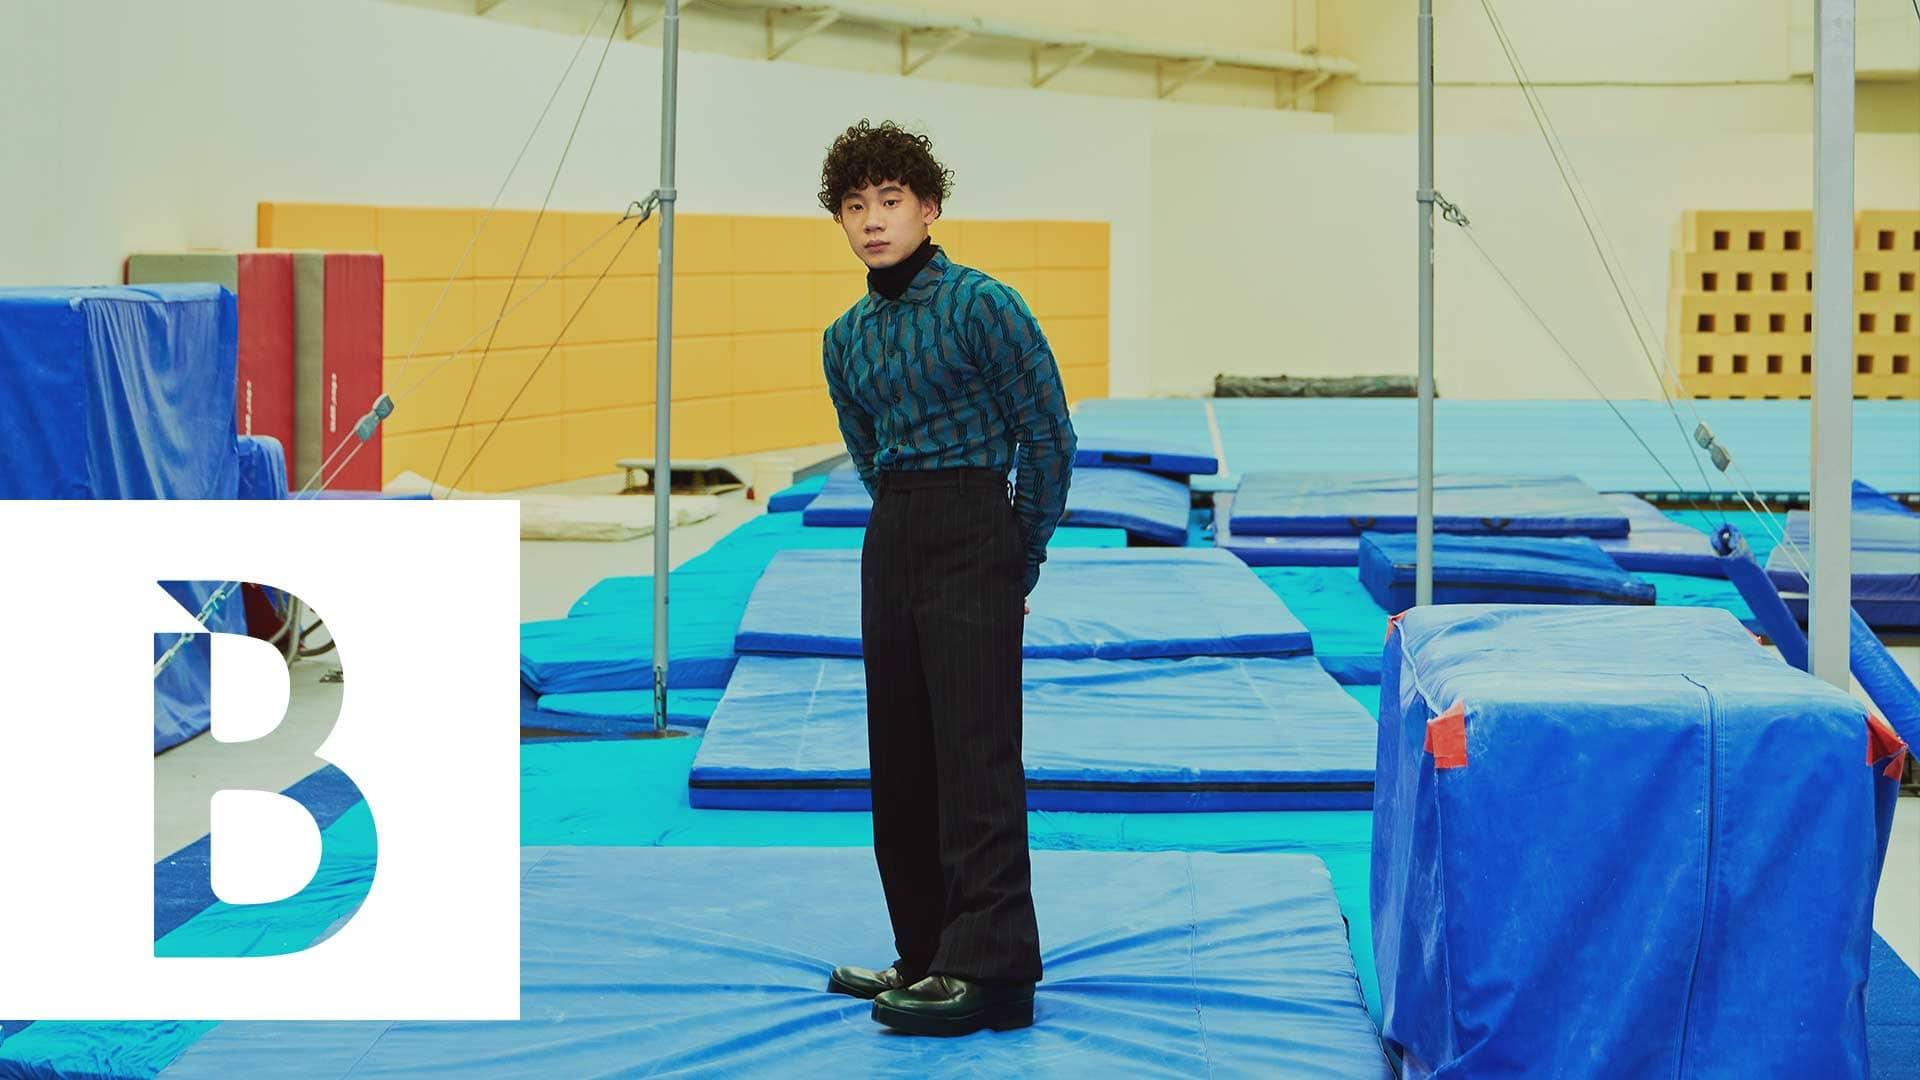 【封面人物】洪源禧捲髮出戰奧運登熱搜:「是奉獻而不是犧牲,因為我喜歡體操並享受其中!」